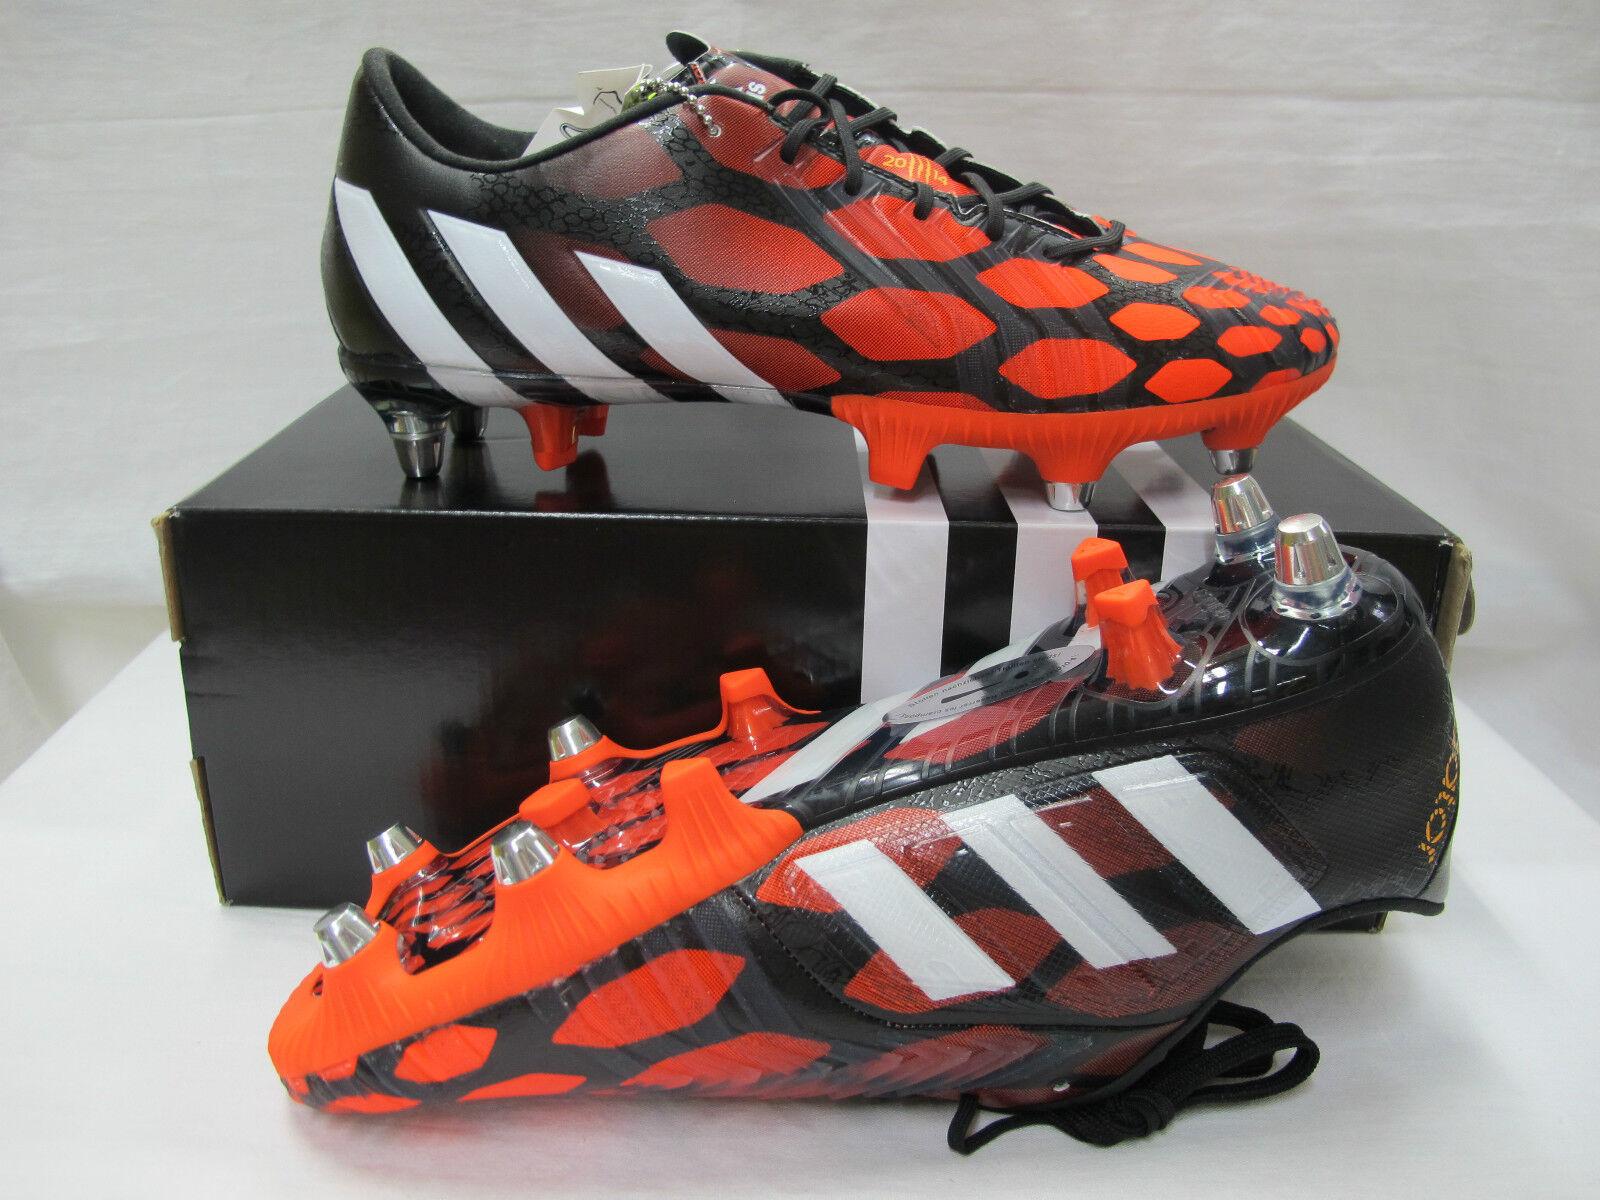 ADIDAS scarpe calcio PREDATOR INSTINCT INSTINCT INSTINCT SG M20157 NERO ROS n.40 2 3 luglio 2014 1eee52